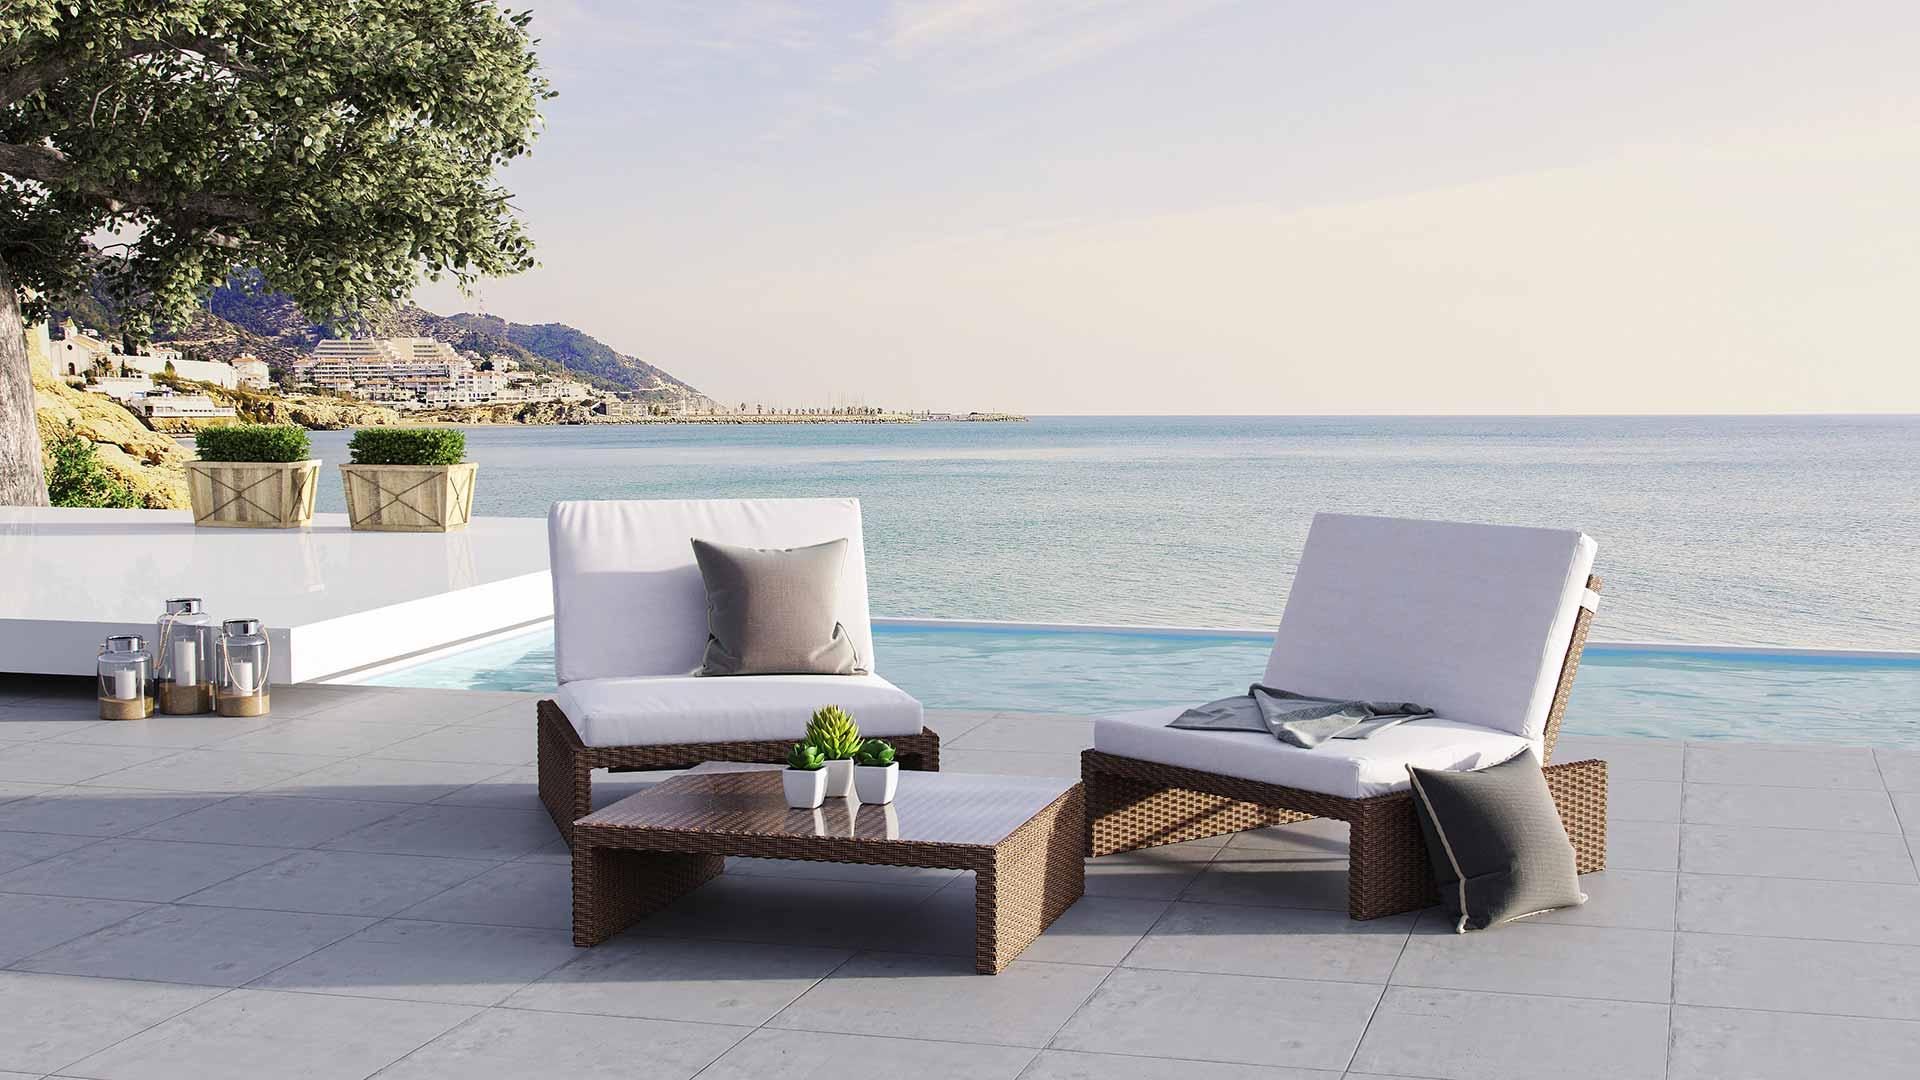 Loungemöbel Set artelia austria loungemöbel set estoria s für terrasse und garten